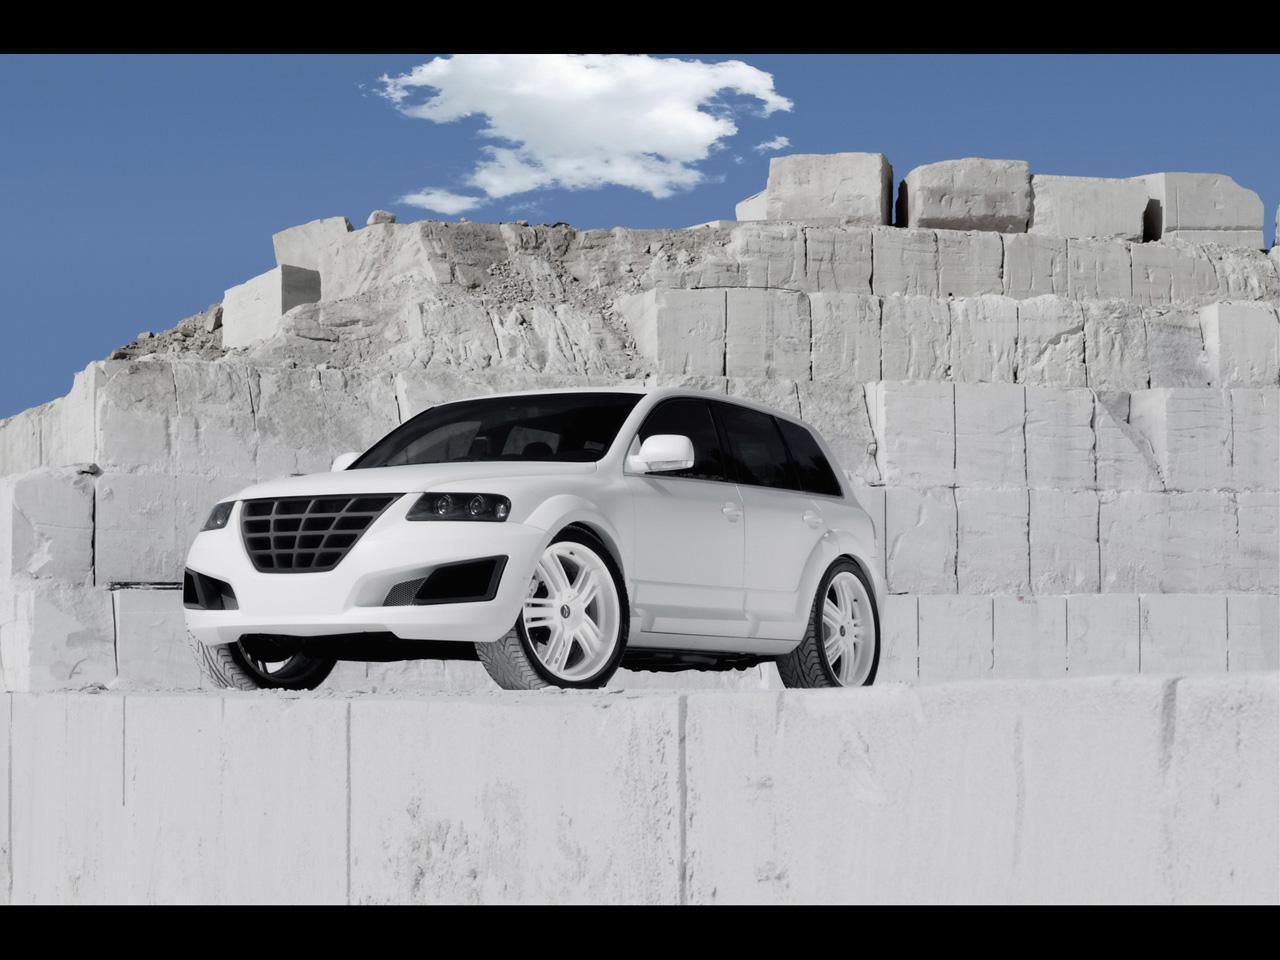 http://2.bp.blogspot.com/-aH7ONmL1UQ0/TbxuRSTSMaI/AAAAAAAABzo/rYB6TdS-v0o/s1600/2008-parotech-sony-volkswagen-touareg-p24.jpg